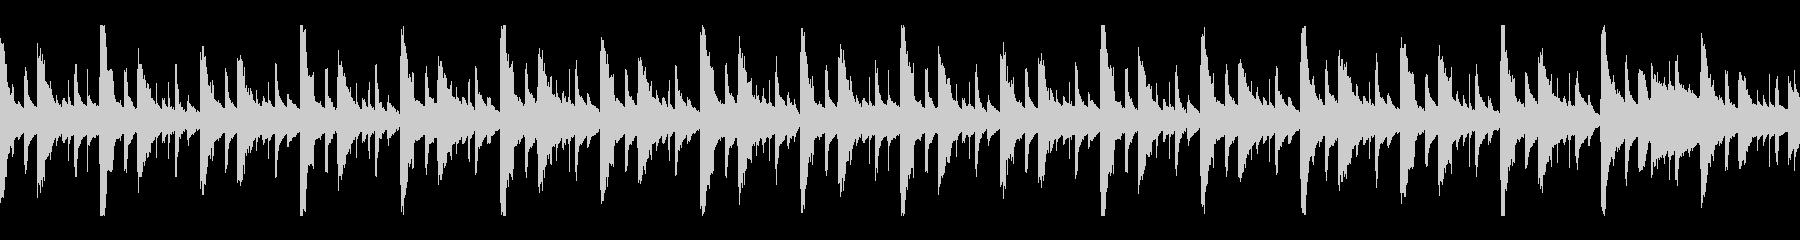 ヒップホップ系のイントロっぽいのループの未再生の波形